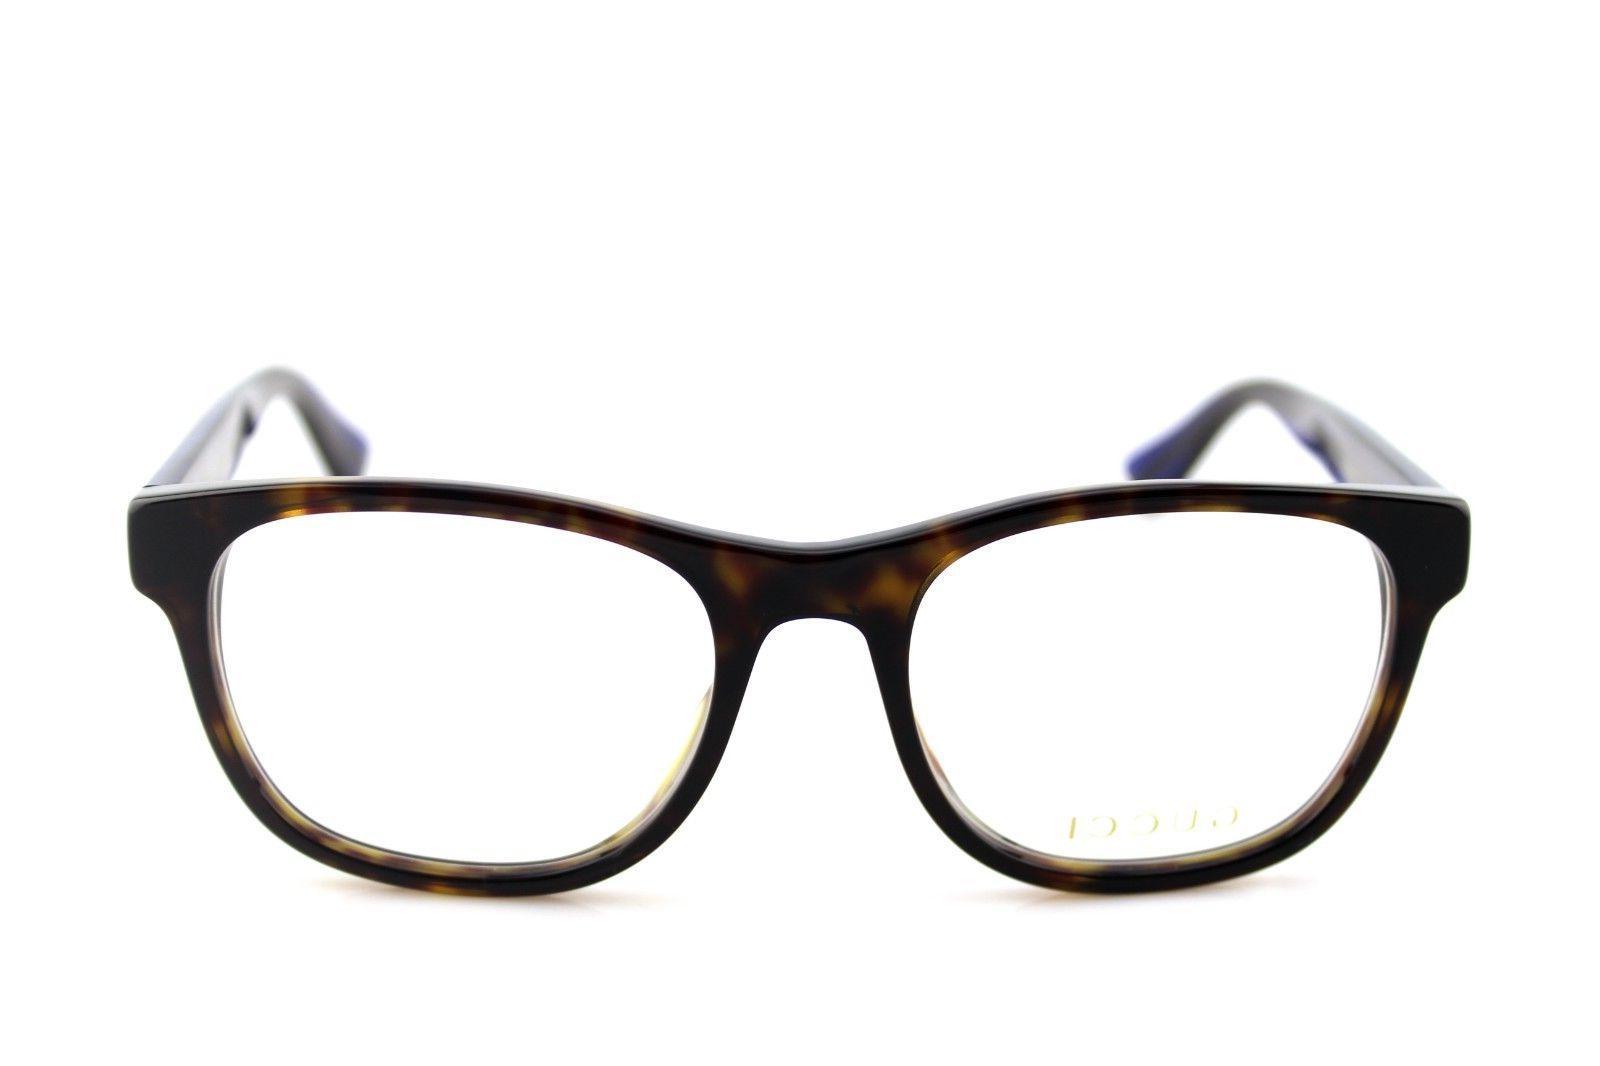 NEW Havana Blue Glasses GG 003 4O